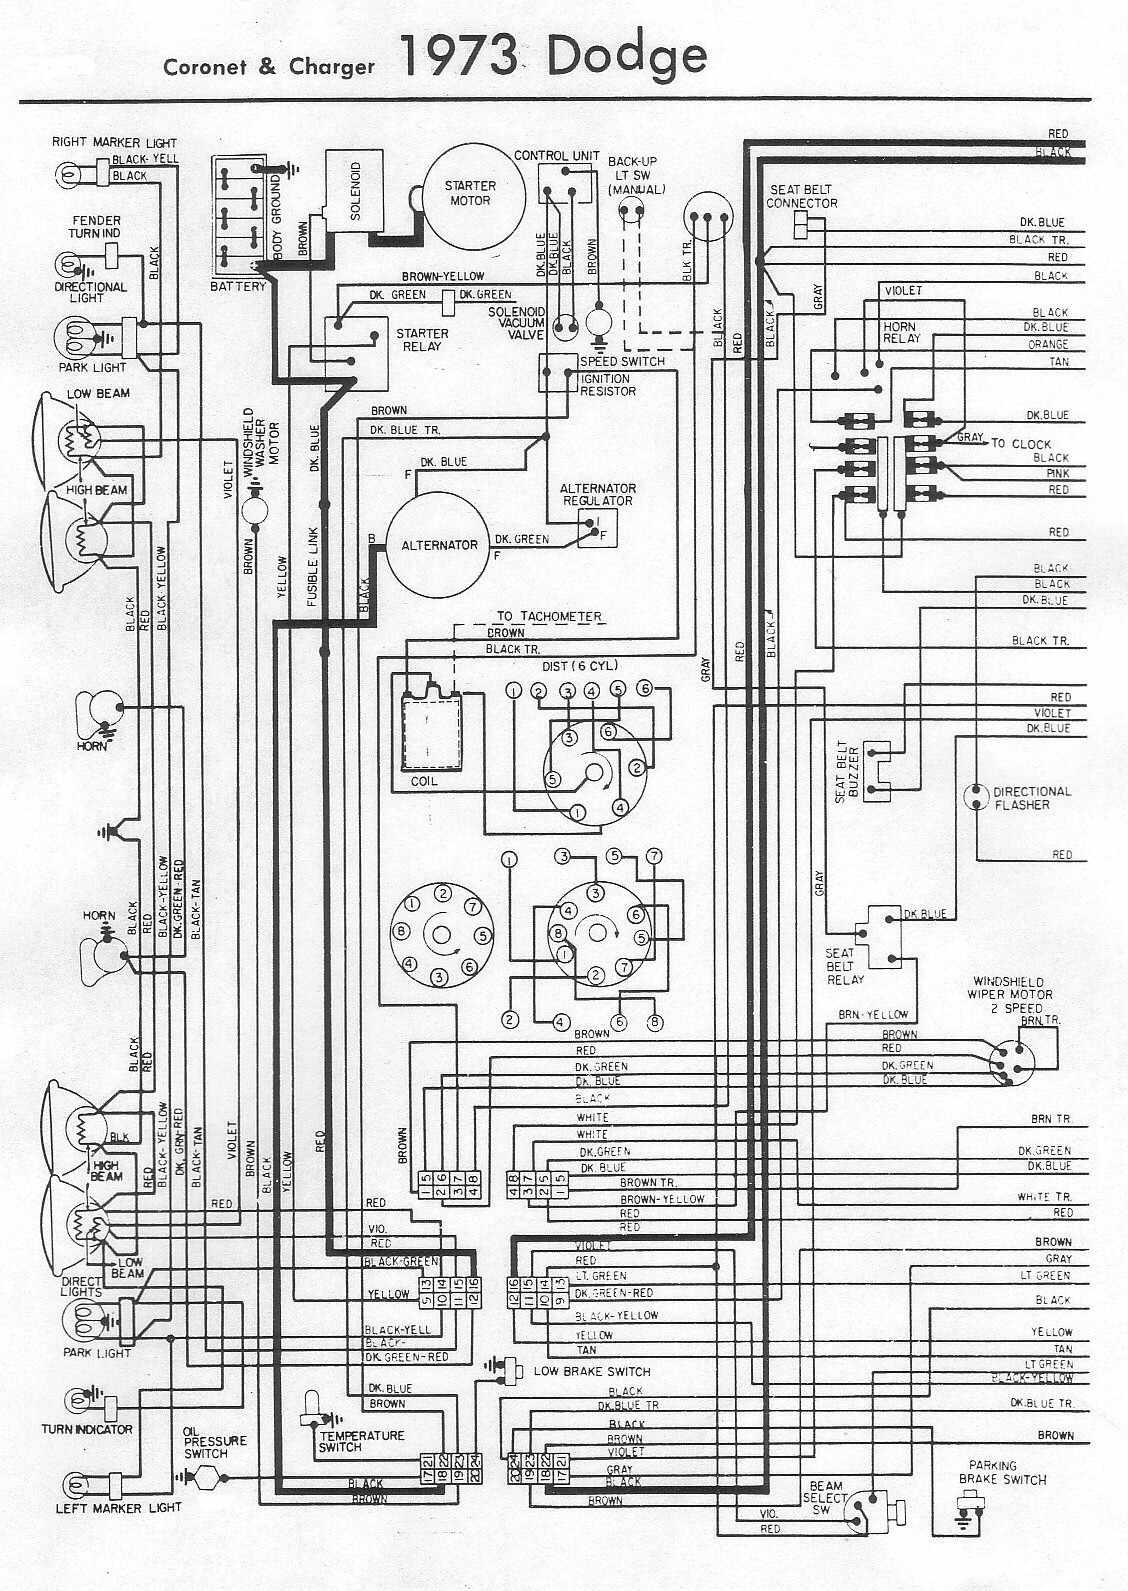 1972 Dodge Dart Wiring Harness Diagram Libraries 73 Diagrams U202274